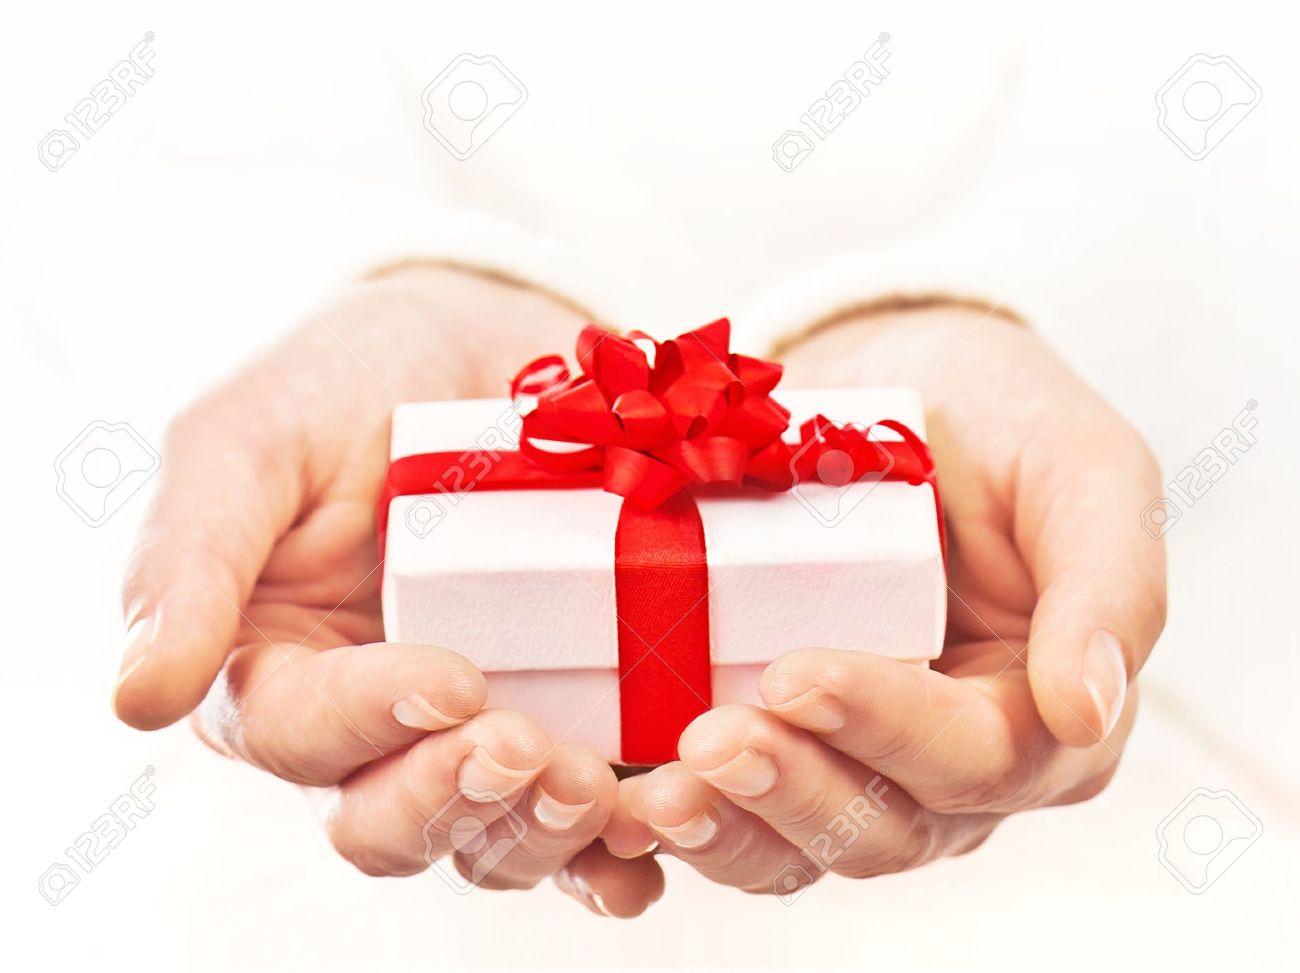 Sorprende al usuario anterior con un regalo. 11599866-Manos-que-sostienen-hermosa-caja-de-regalo-regalo-mujer-dando-las-vacaciones-de-Navidad-y-el-concept-Foto-de-archivo